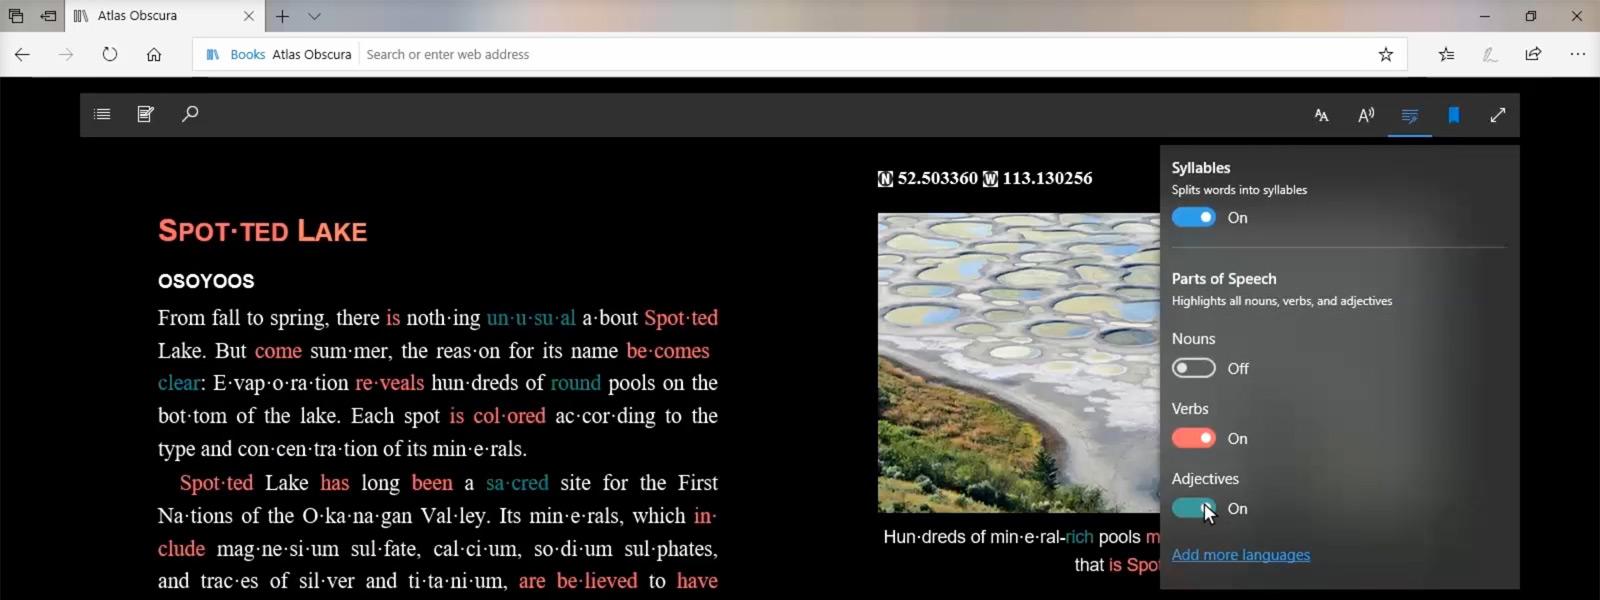 제공된 웹 페이지에서 명사, 동사, 형용사가 강조 표시된 학습 도구 기능의 화면 이미지